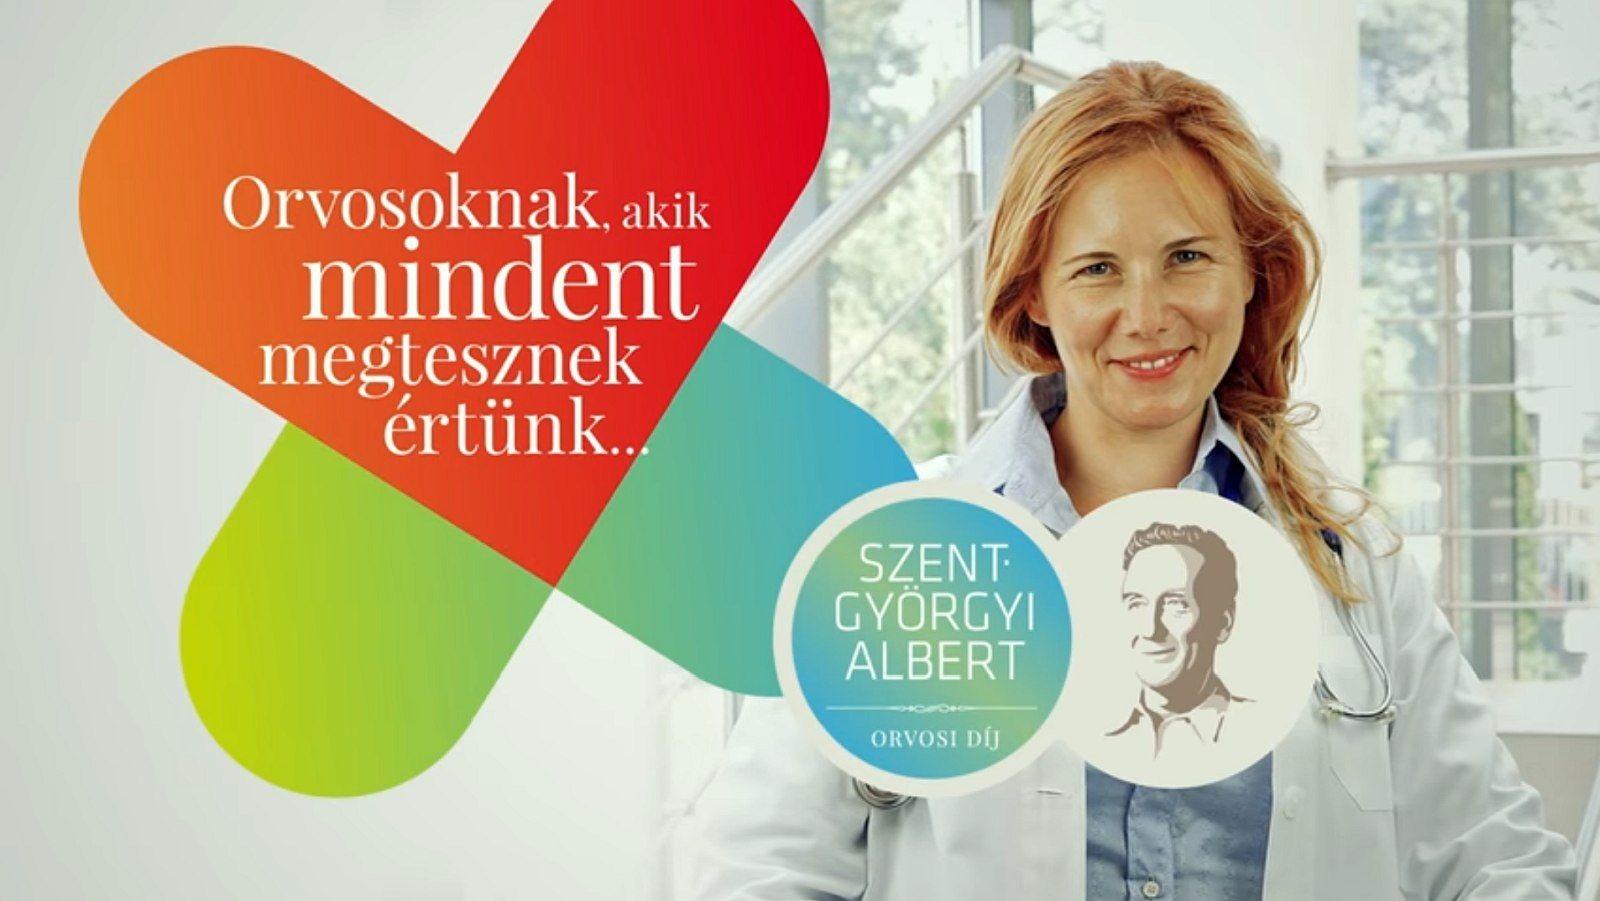 Szent-Györgyi Albert Orvosi Díj - fehérvári orvosokra is szavazhatunk